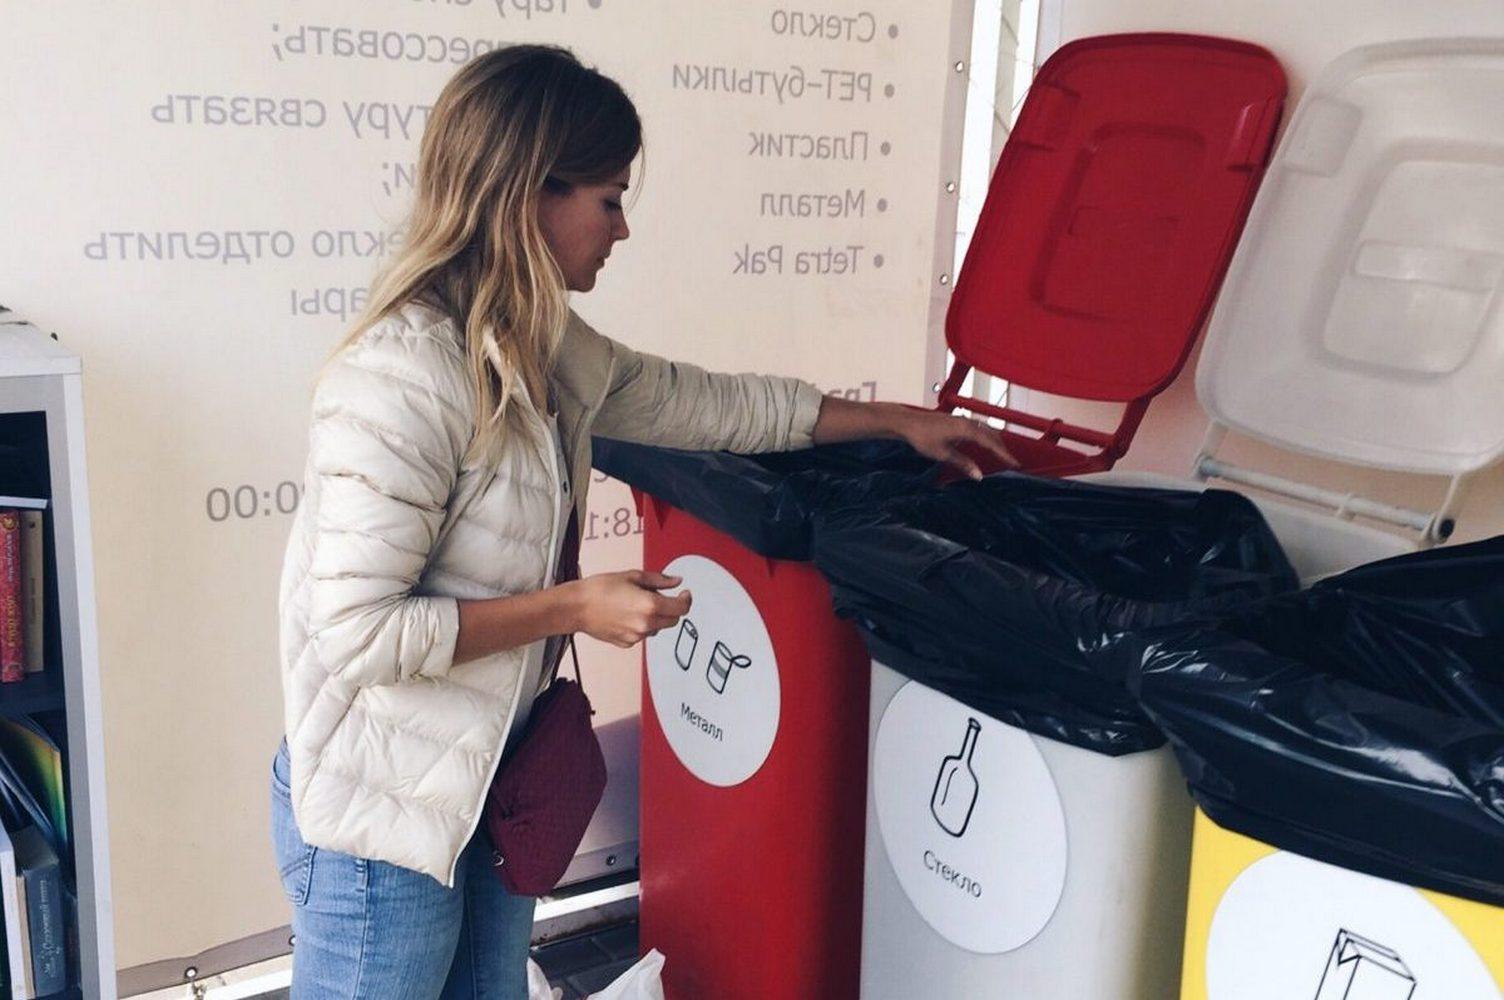 выброс мусорв в раздельные контейнеры